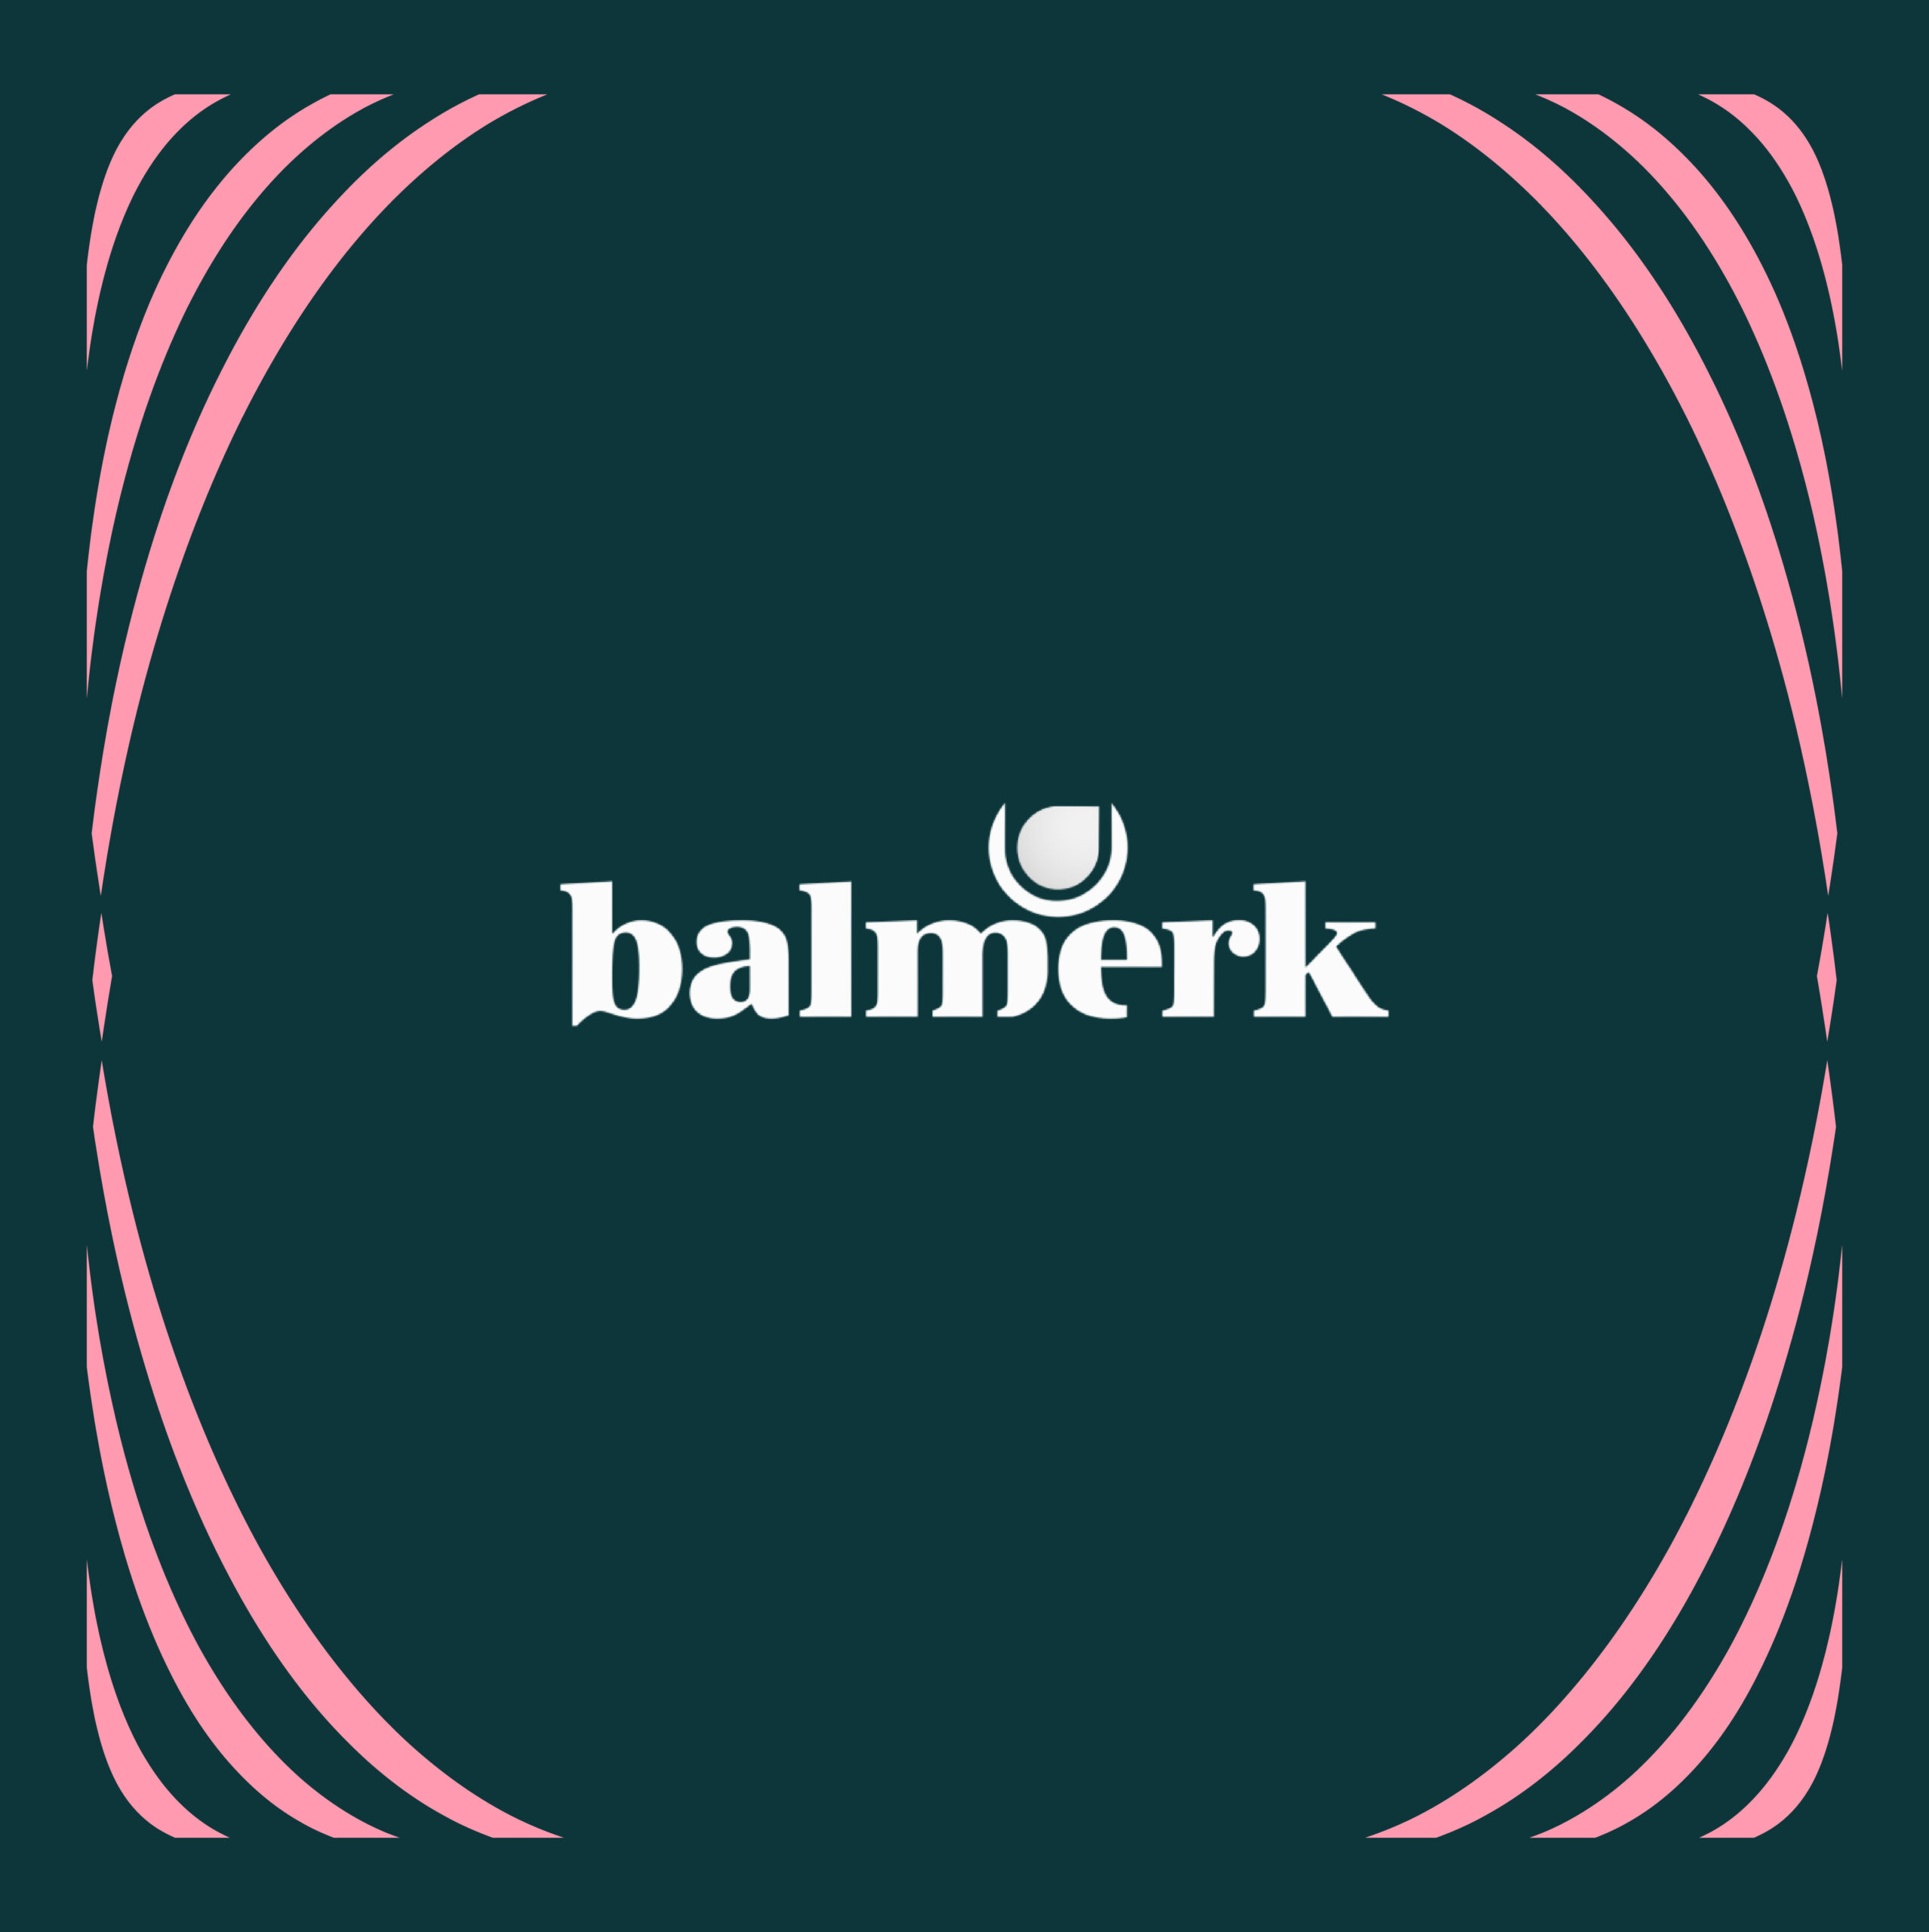 balmerk_TlnCW_Sponsorid_IG